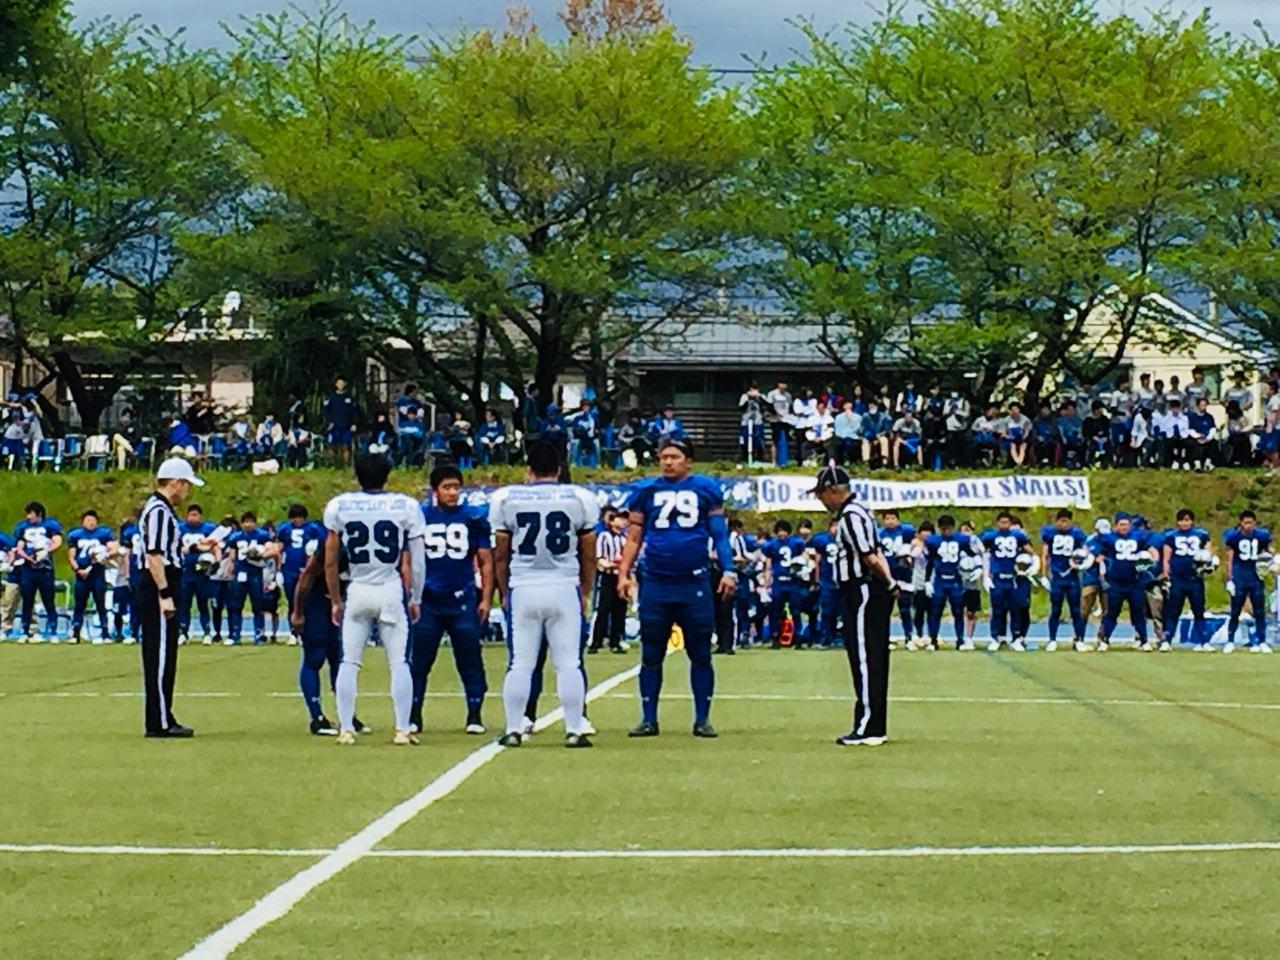 【春季リーグ戦】4月15日 東京学芸大学SNAILS戦